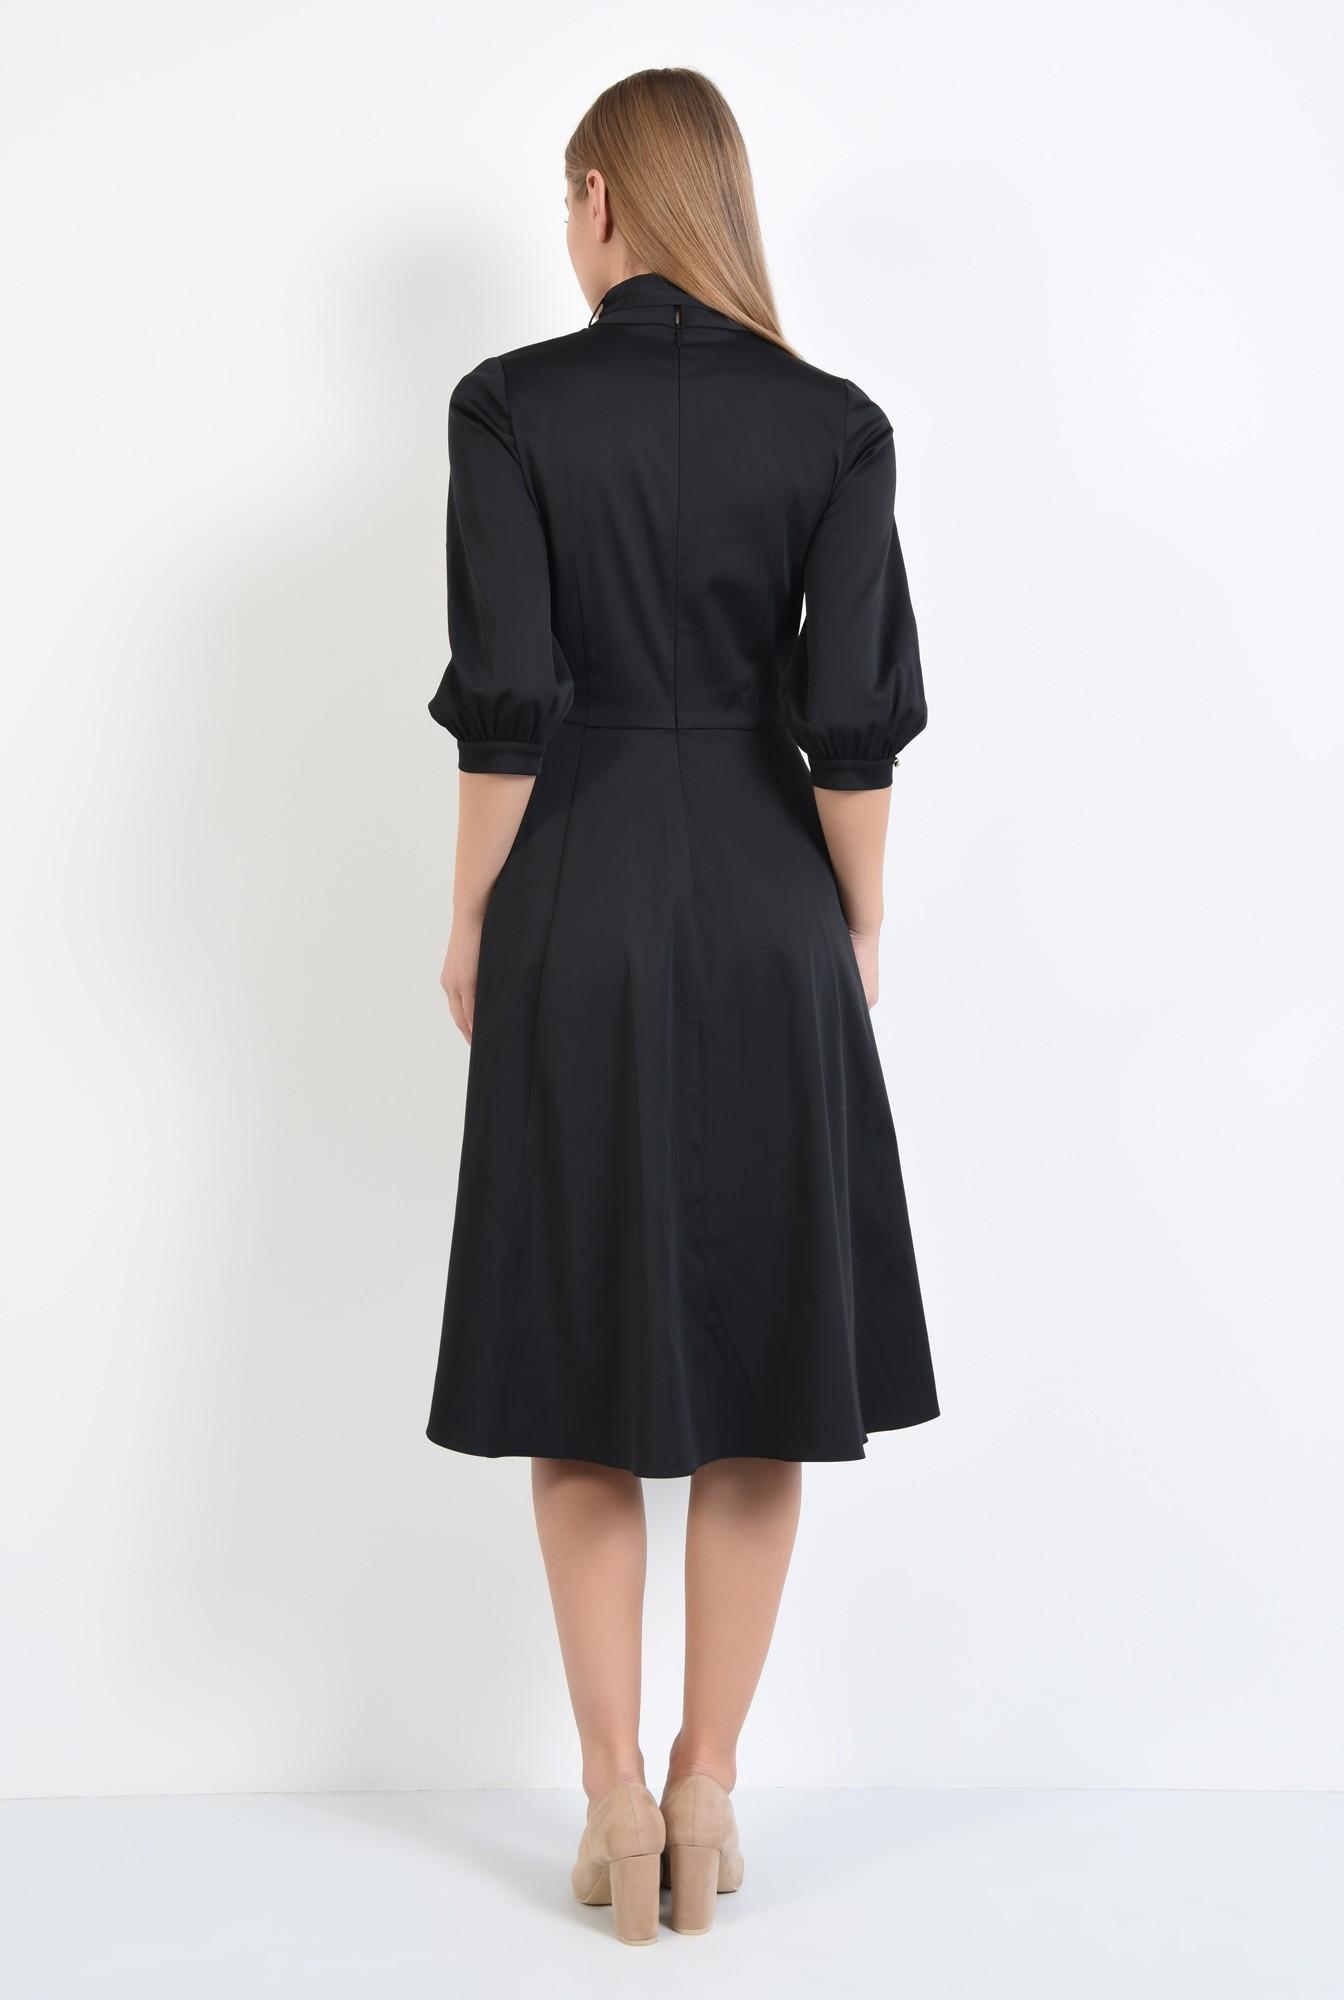 1 - rochie neagra, clos, guler cu funda, cusatura in talie